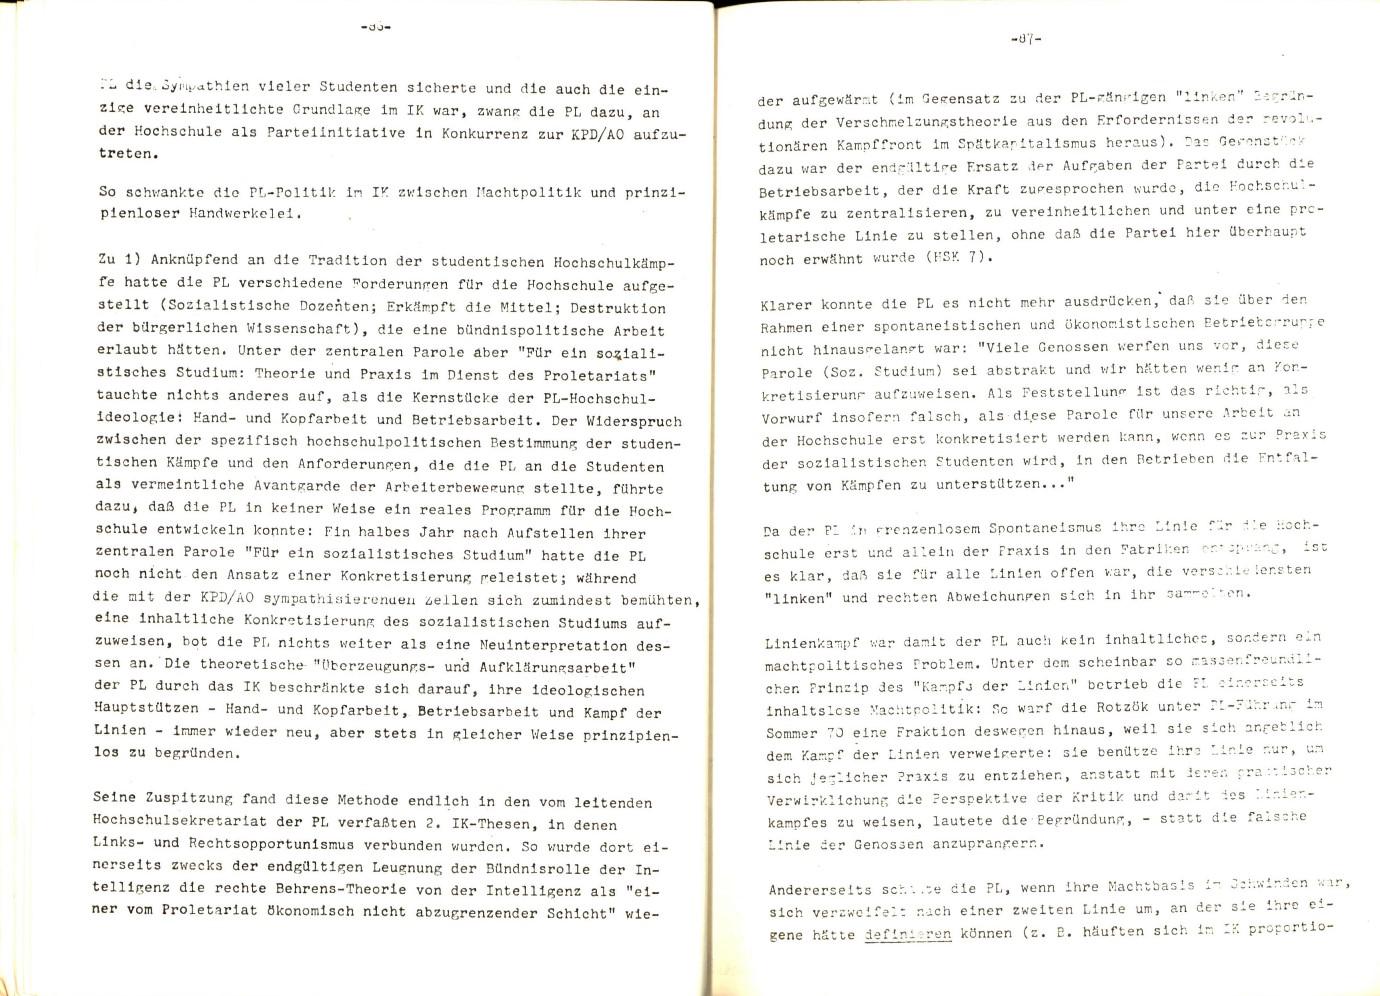 PLPI_1971_Aufloesung_46